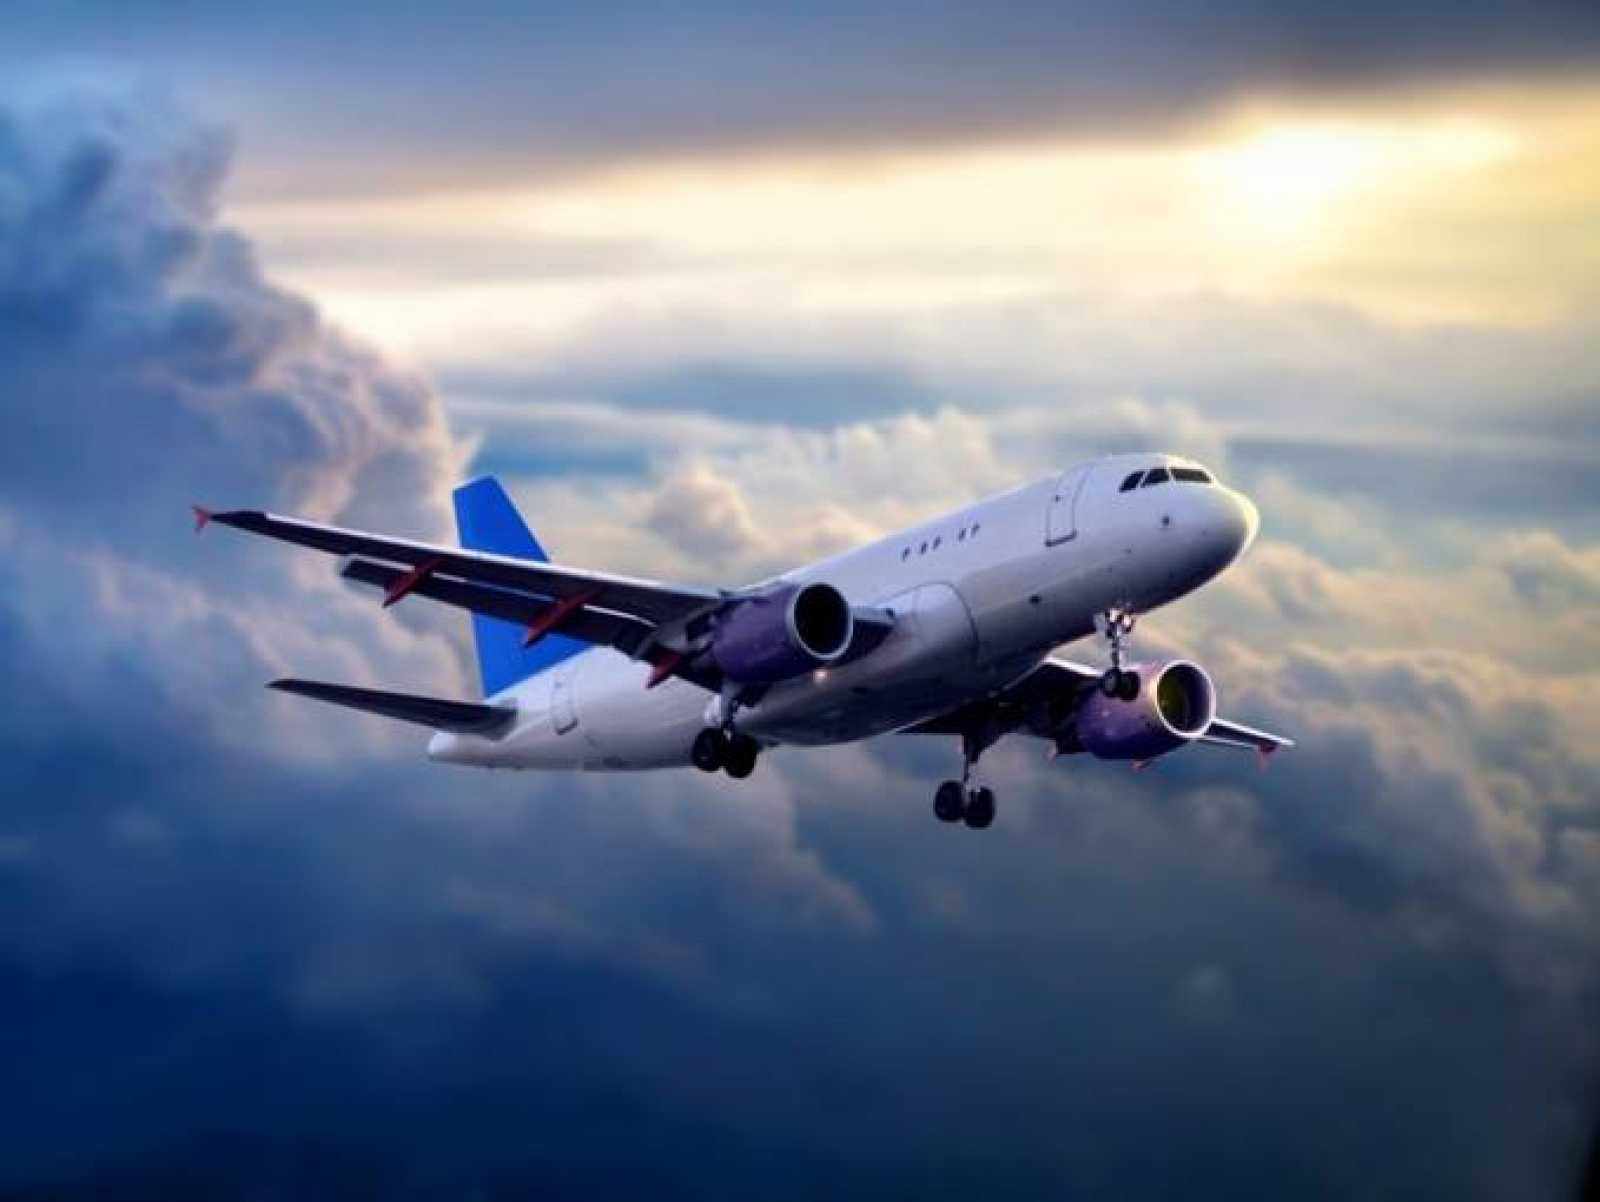 Normalmente las turbulencias se producen durante el despegue o el aterrizaje